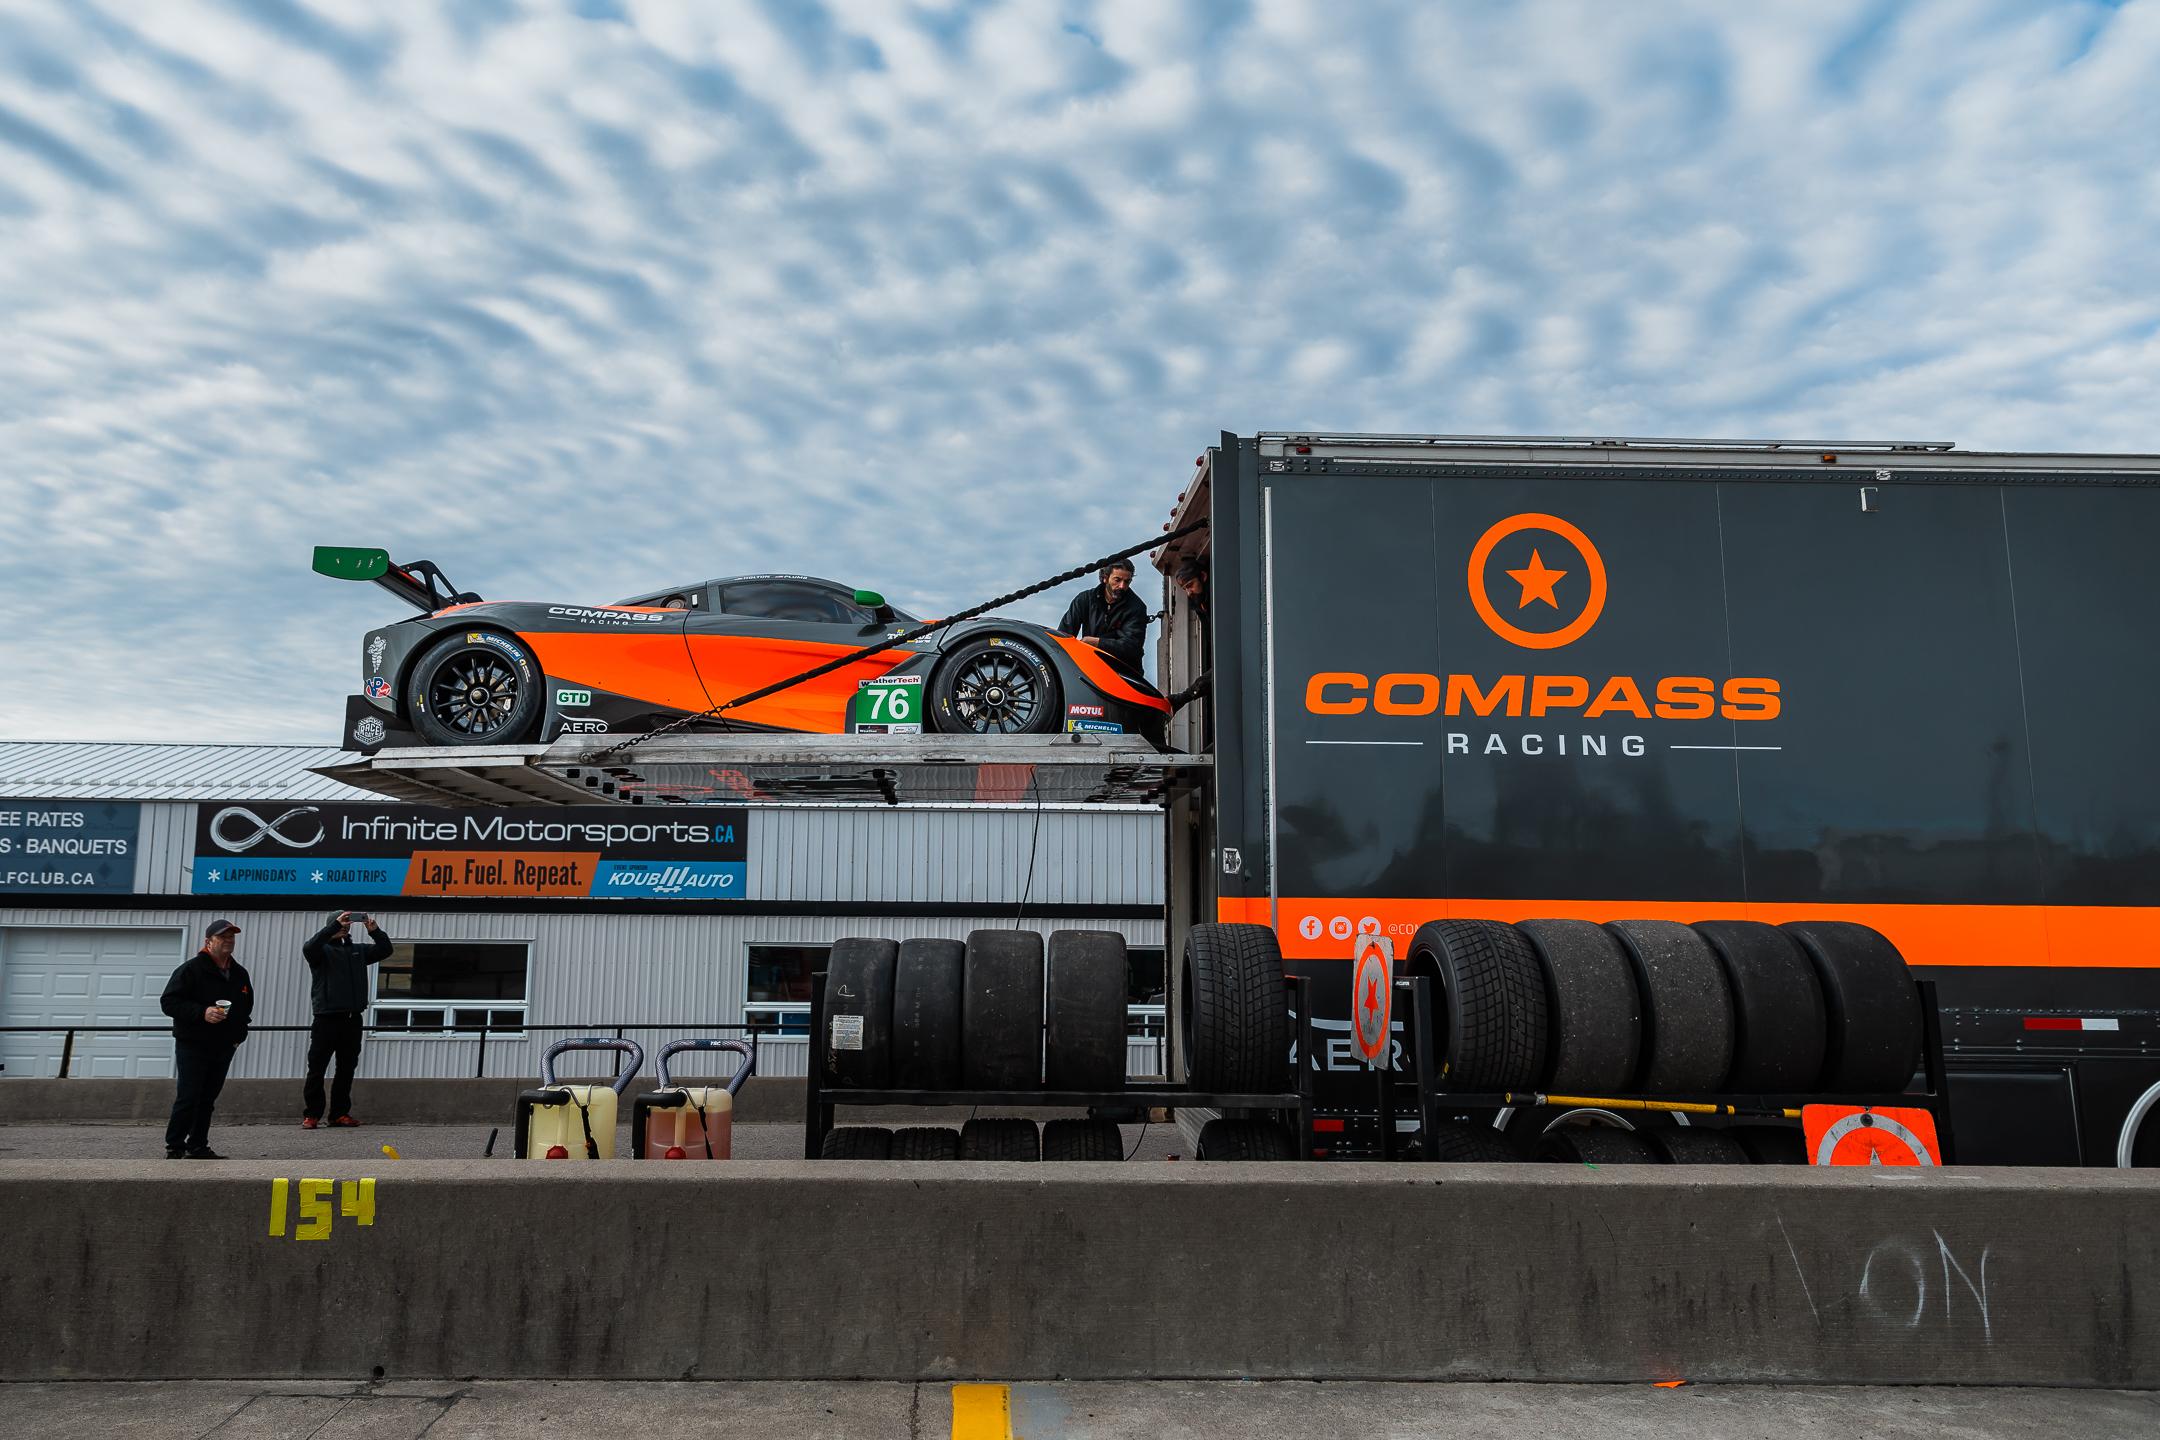 McLaren 720S GT3 - Compass Racing-9859.jpg